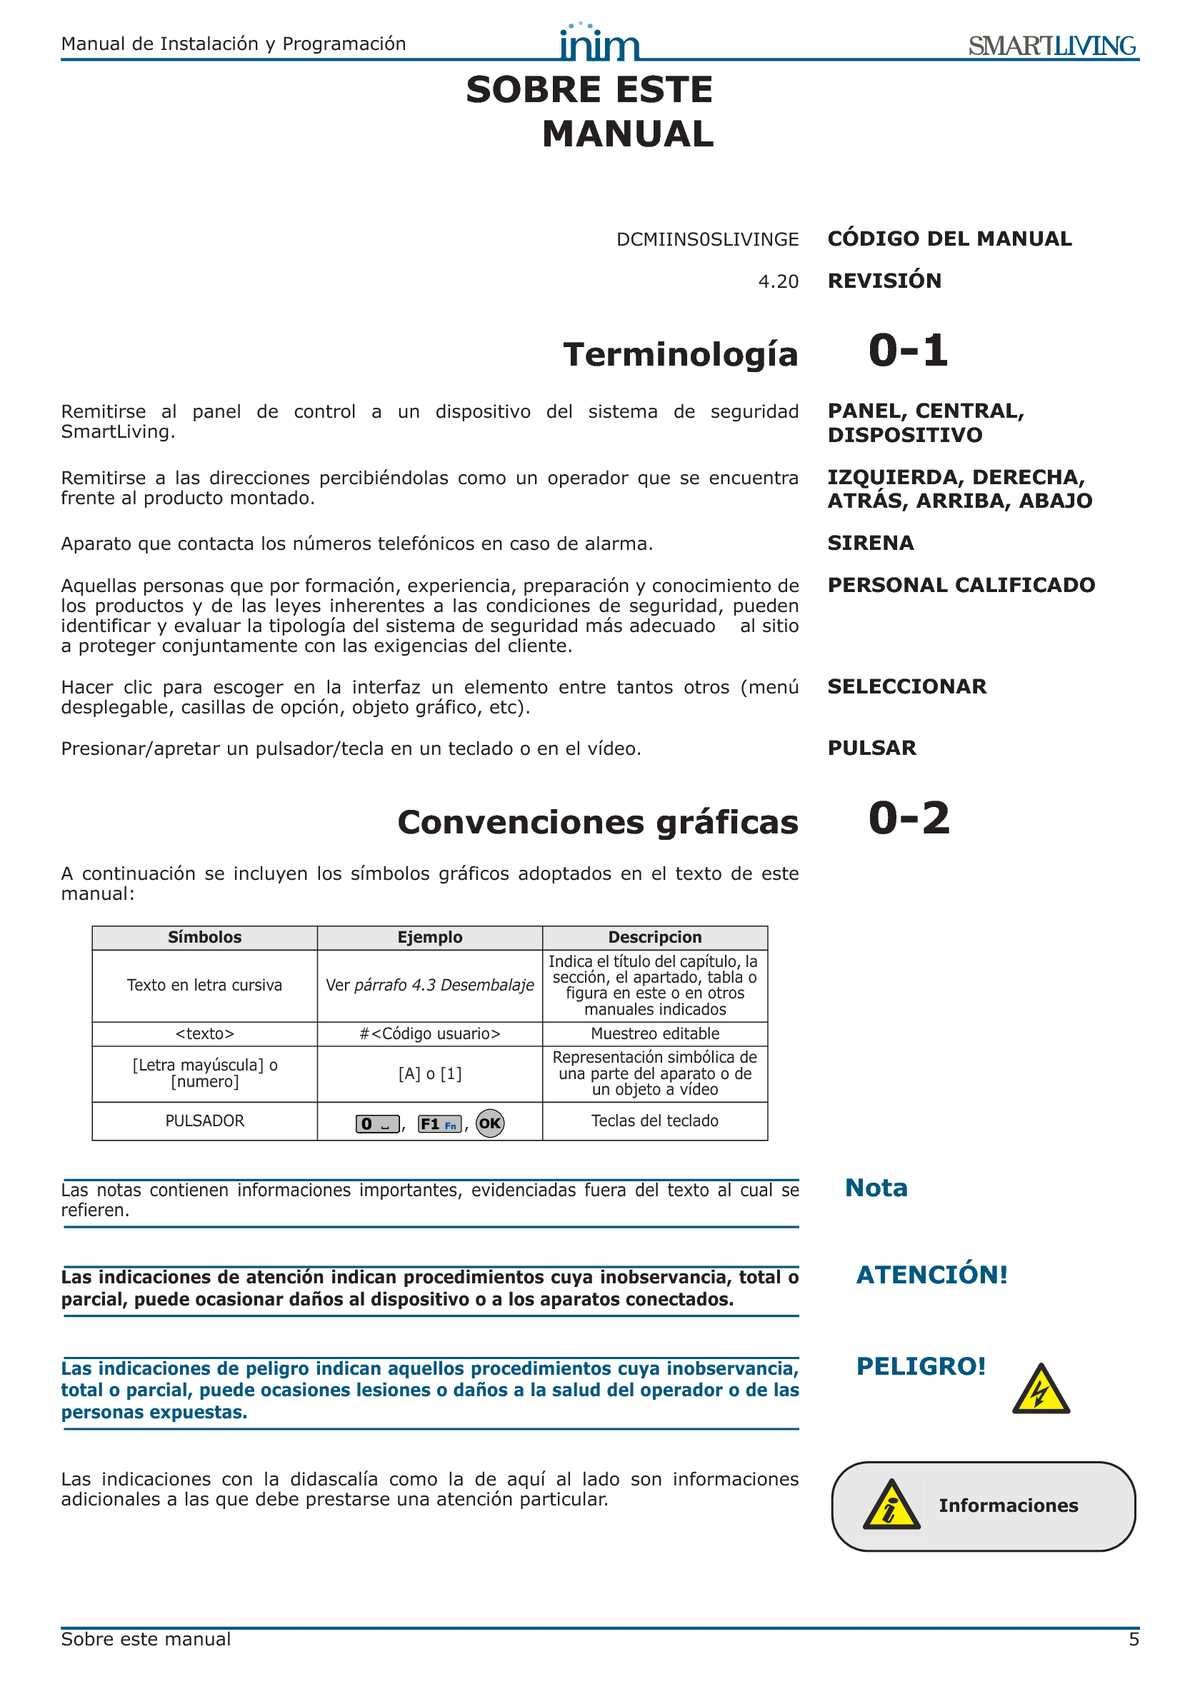 MANUAL DE INSTALACION Y PROGRAMACION SMART LIVIN INIM - CALAMEO ...